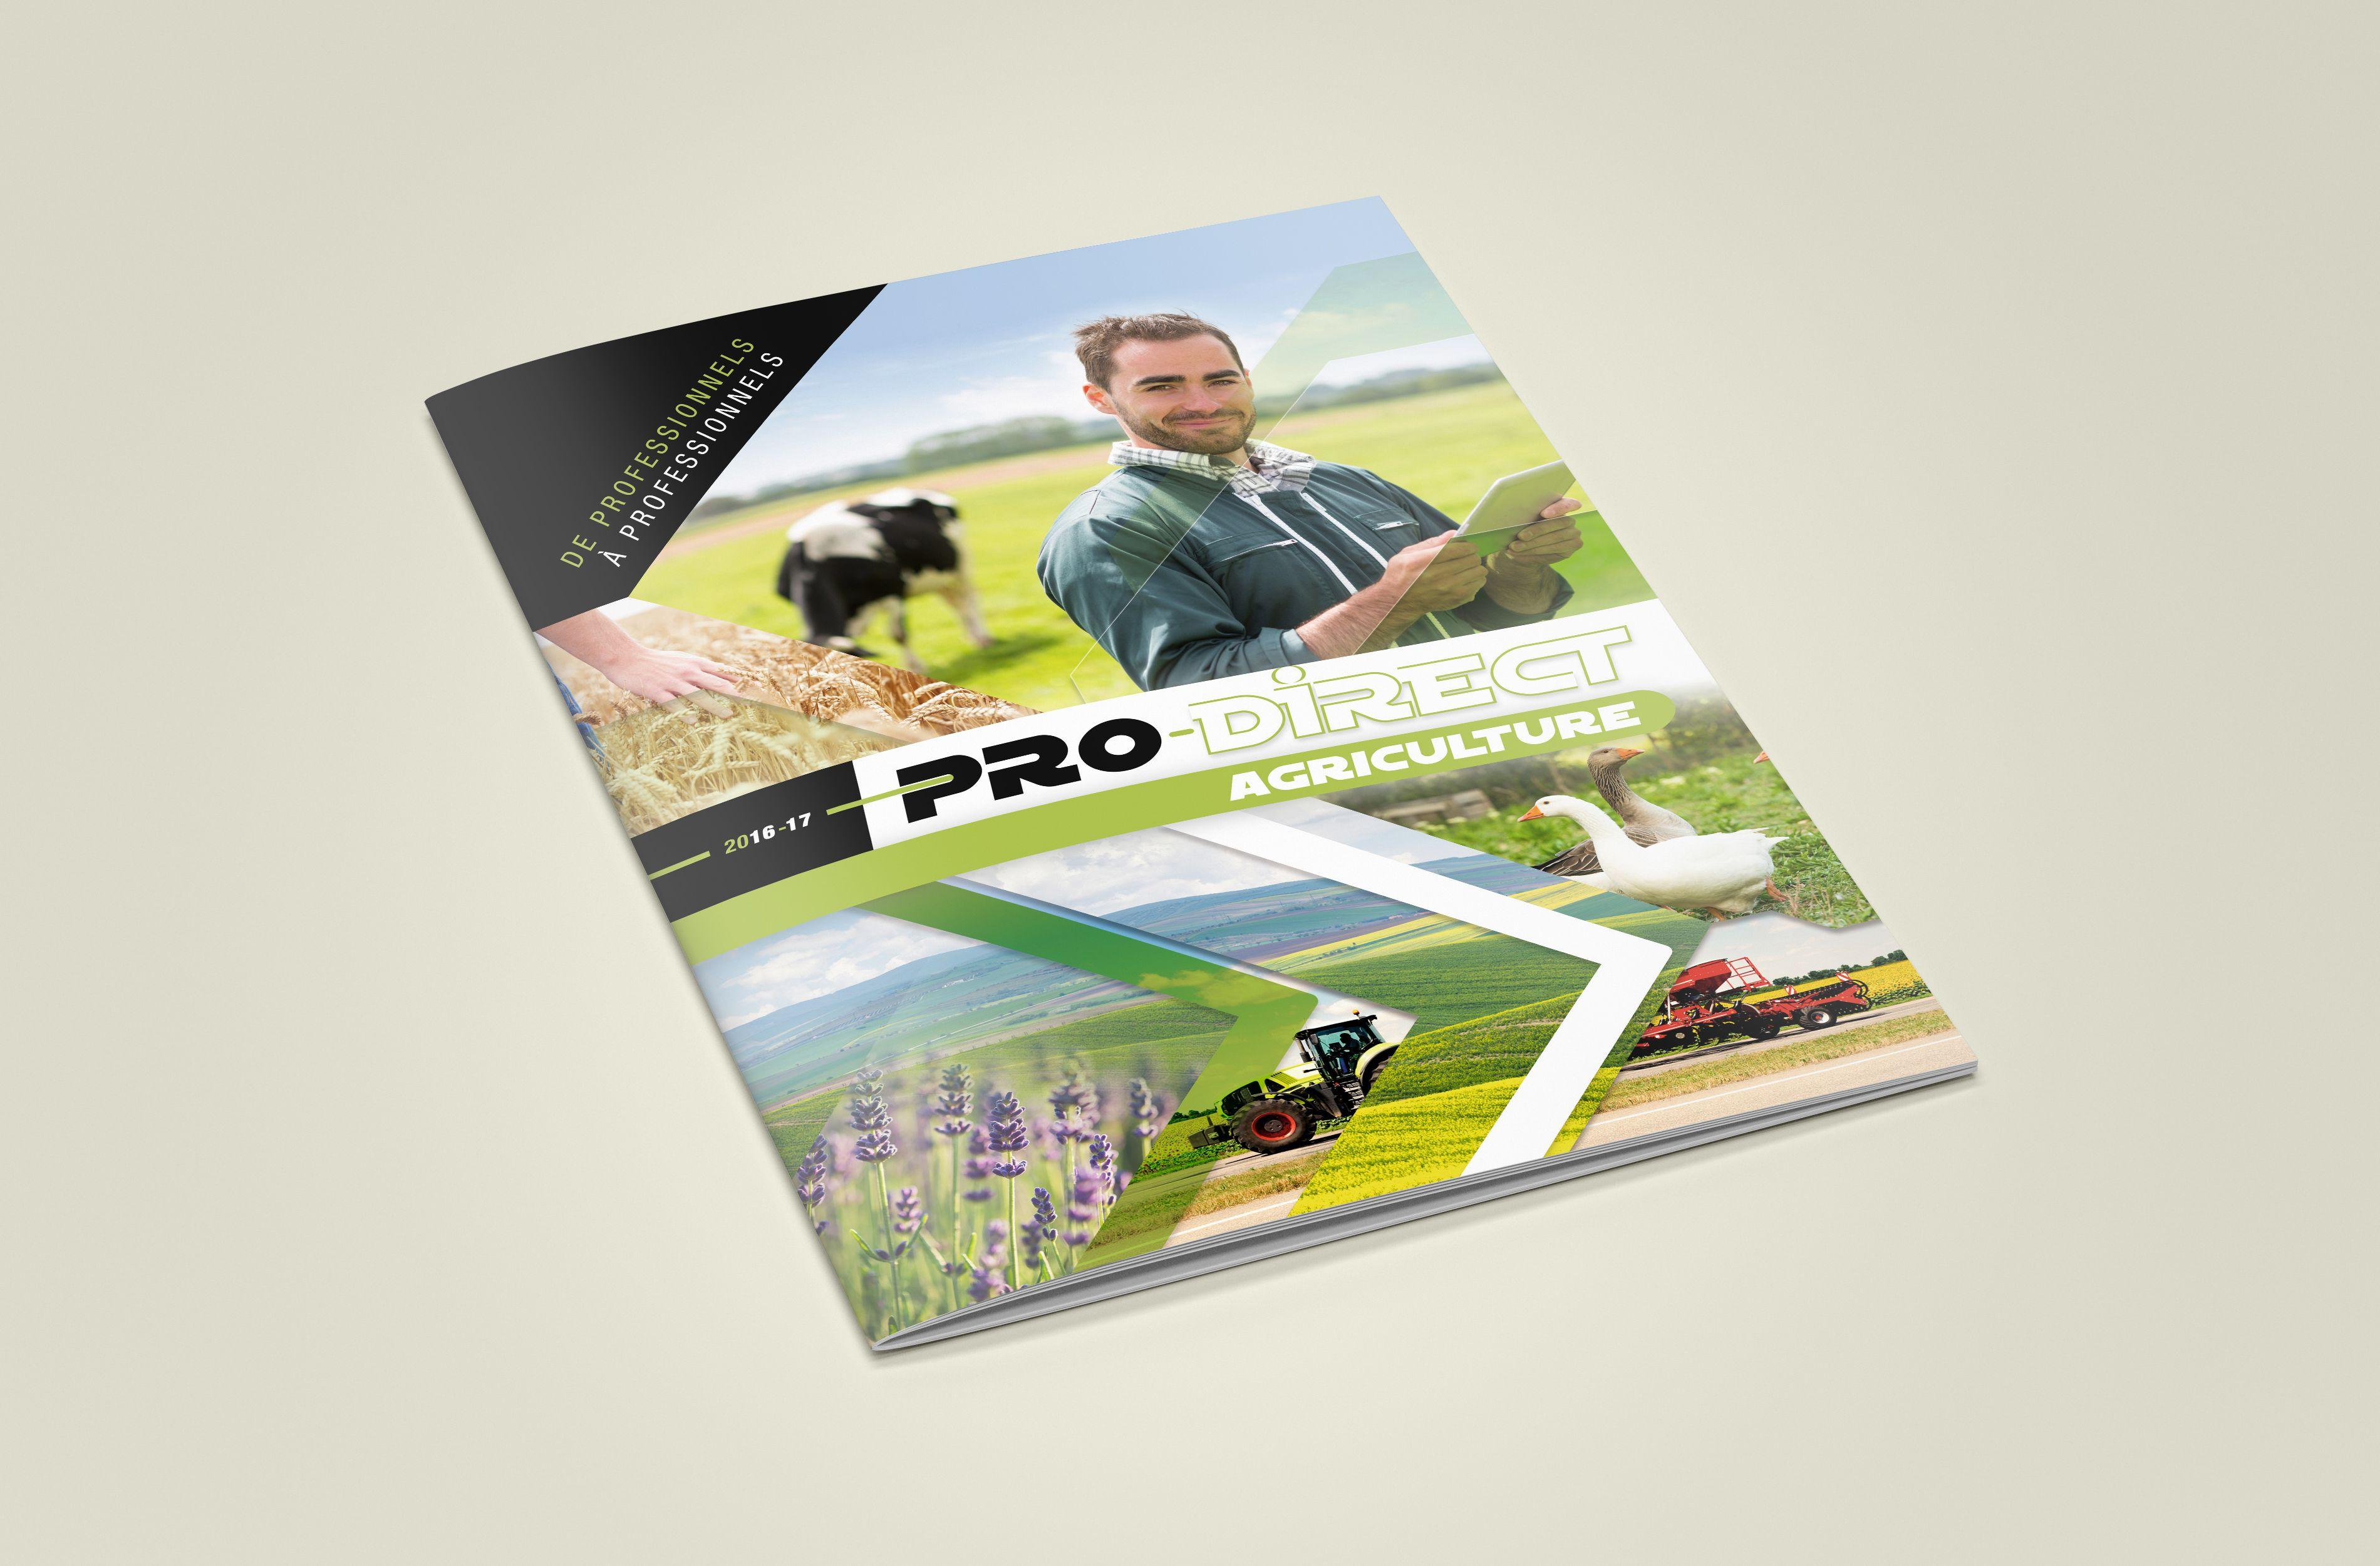 Catalogue De Produits Pro Direct Agriculture Catalogue Agriculture Produits